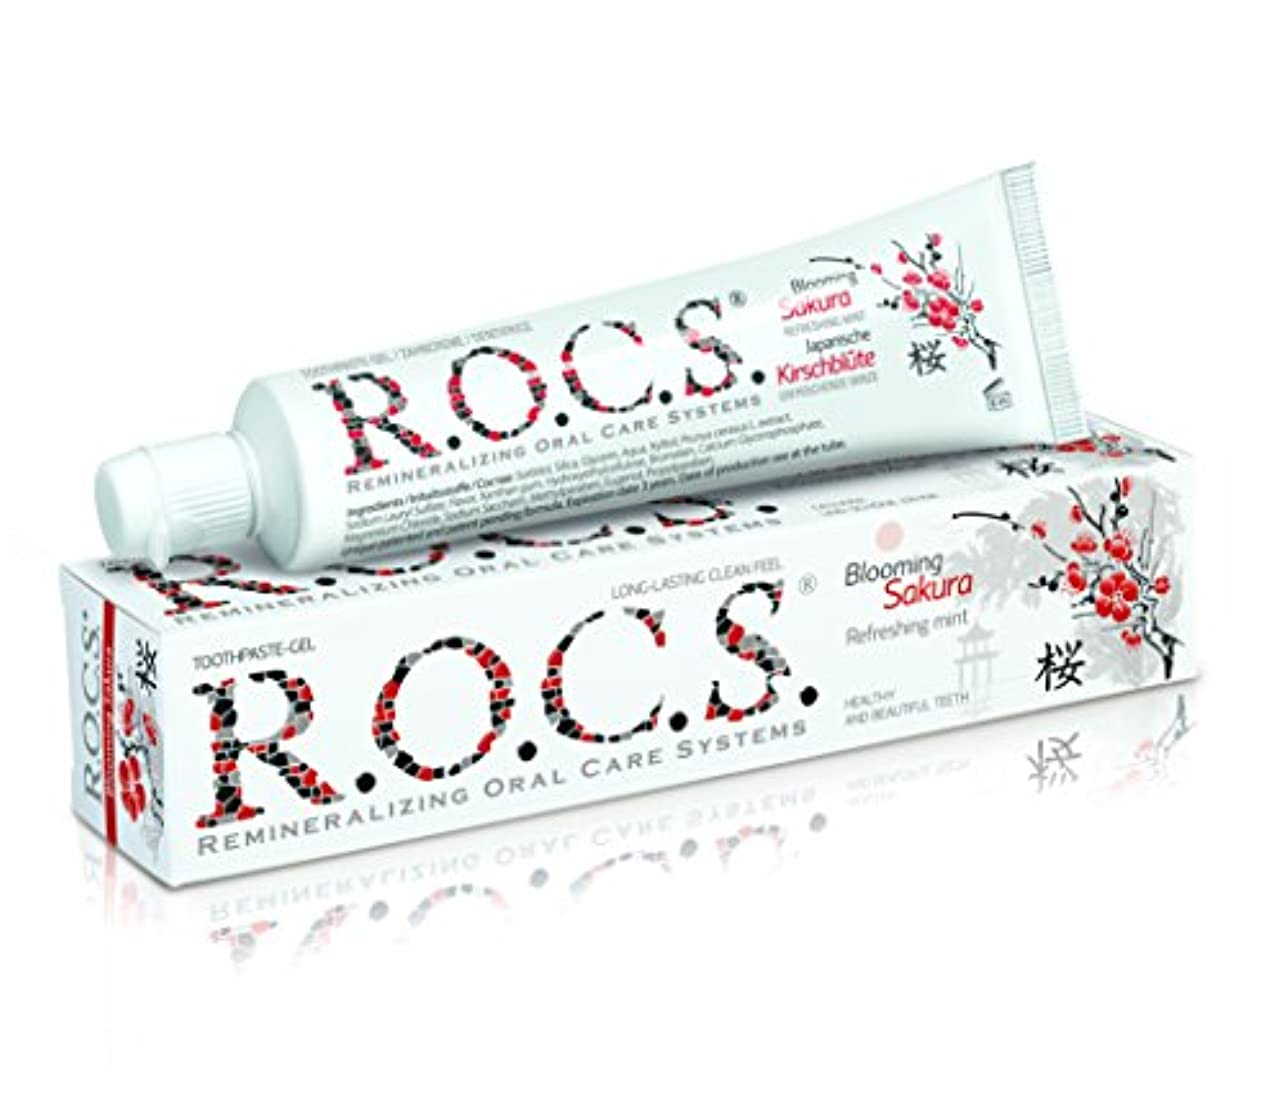 マリンくしゃくしゃ調停するR.O.C.S. ロックス歯磨き粉 ブルーミング サクラ